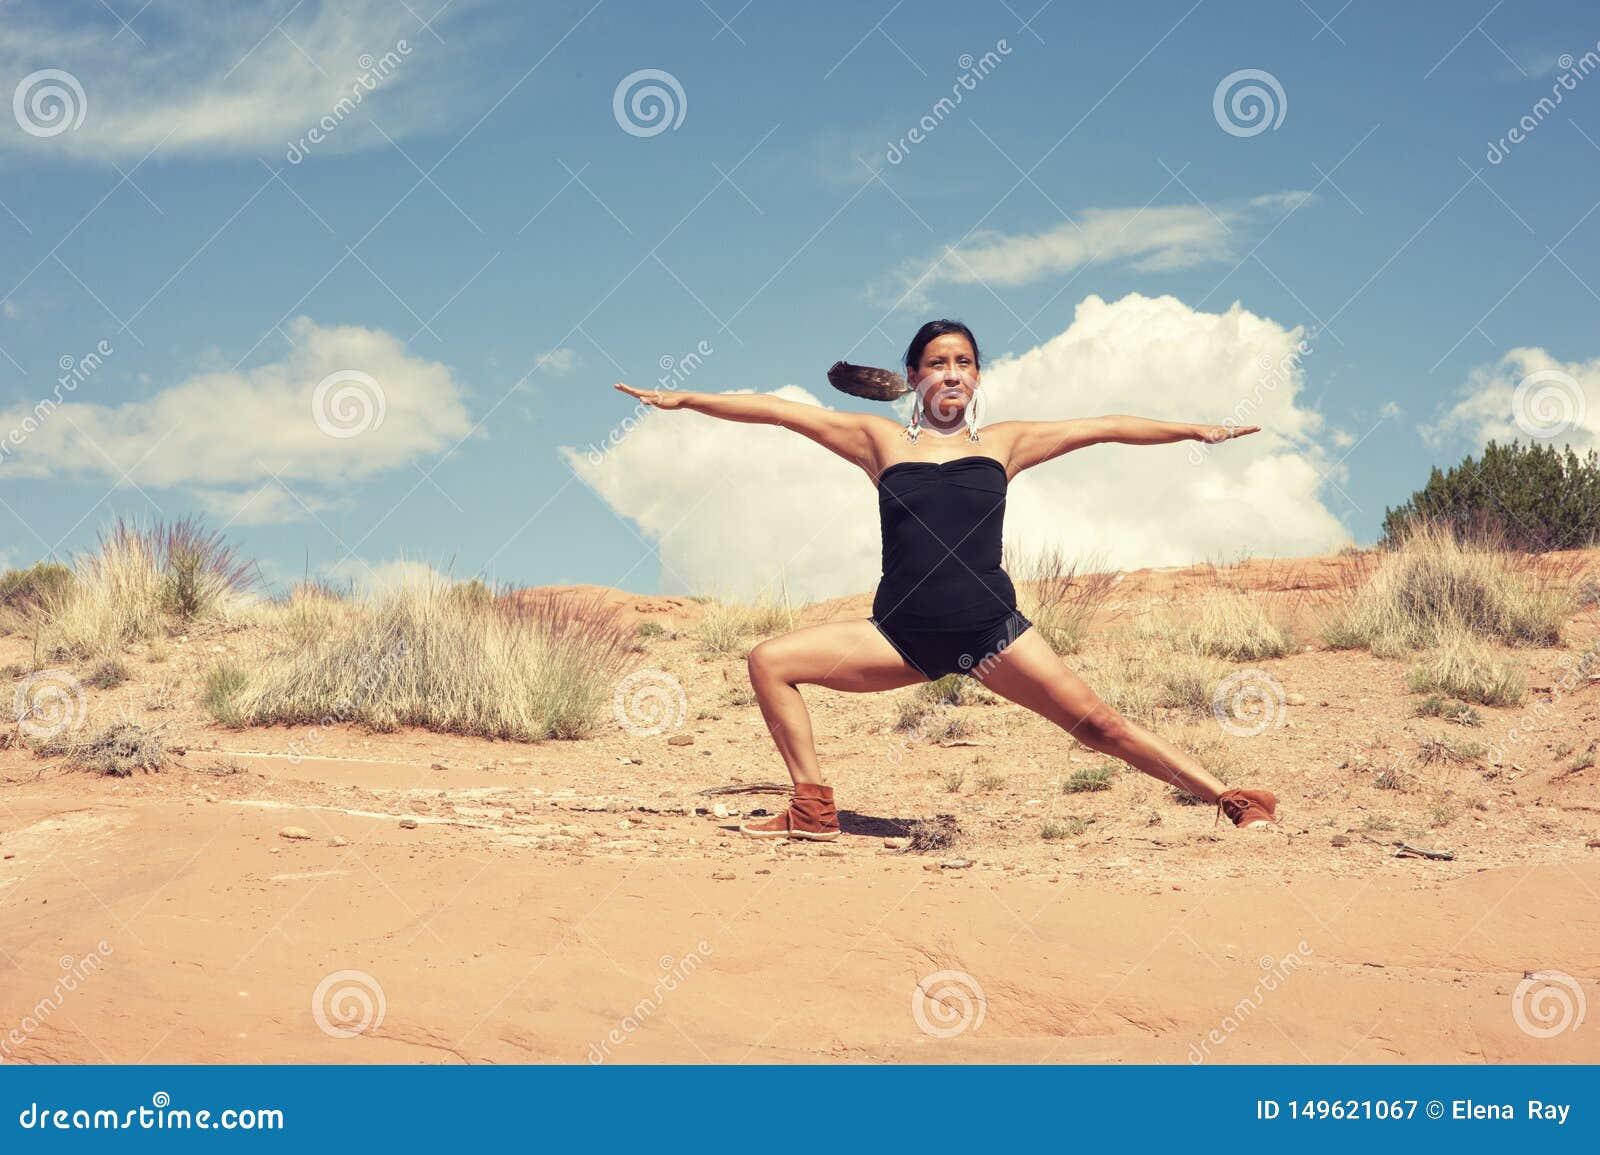 那瓦伙族人女子瑜伽战士